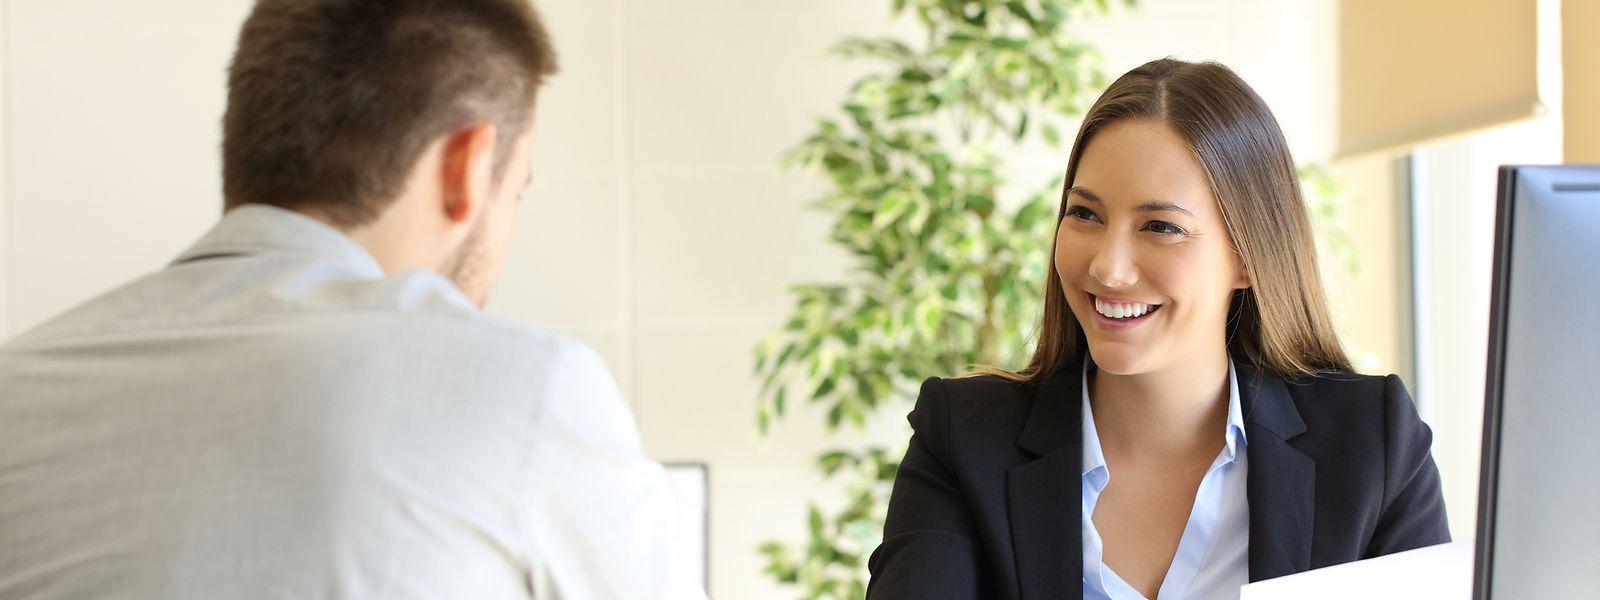 Avec le déconfinement progressif, les entretiens d'embauche ont pu reprendre dans les entreprises